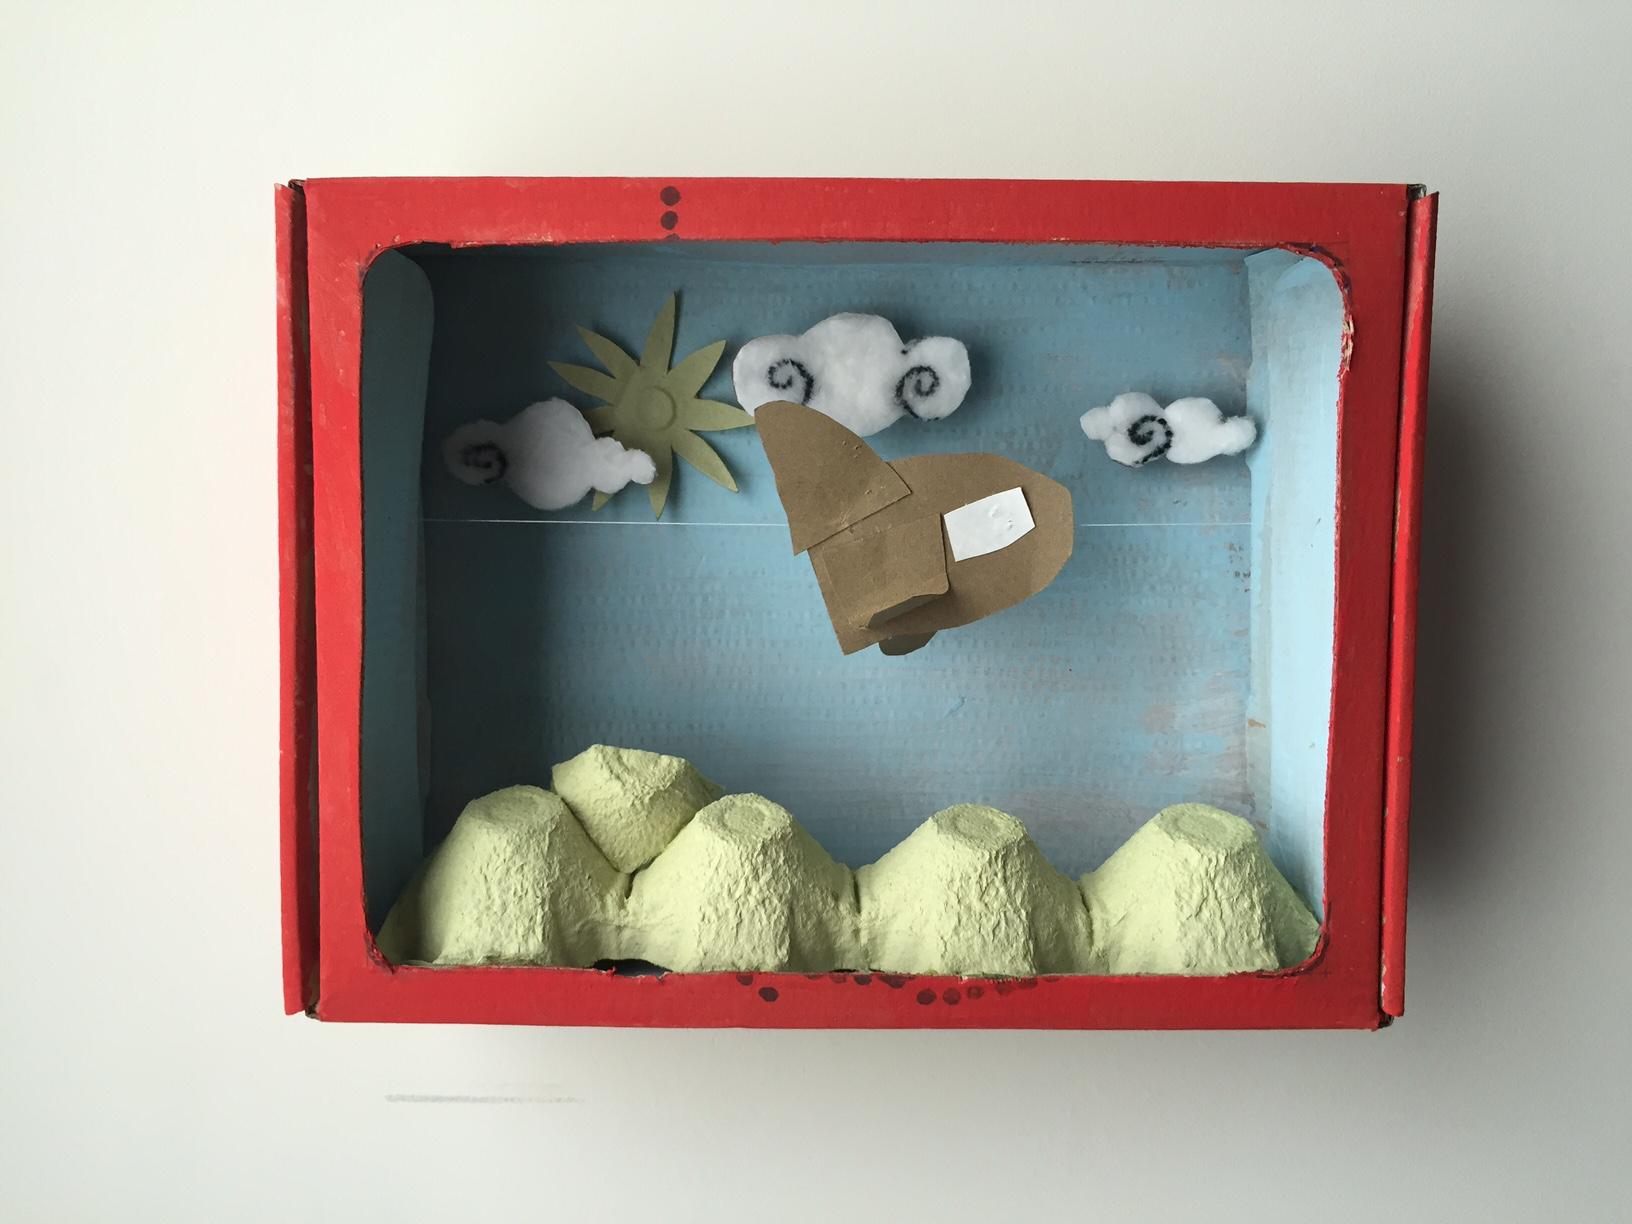 Más propuestas artísticas para niños con la caja de huevo campero Pazo Vilane